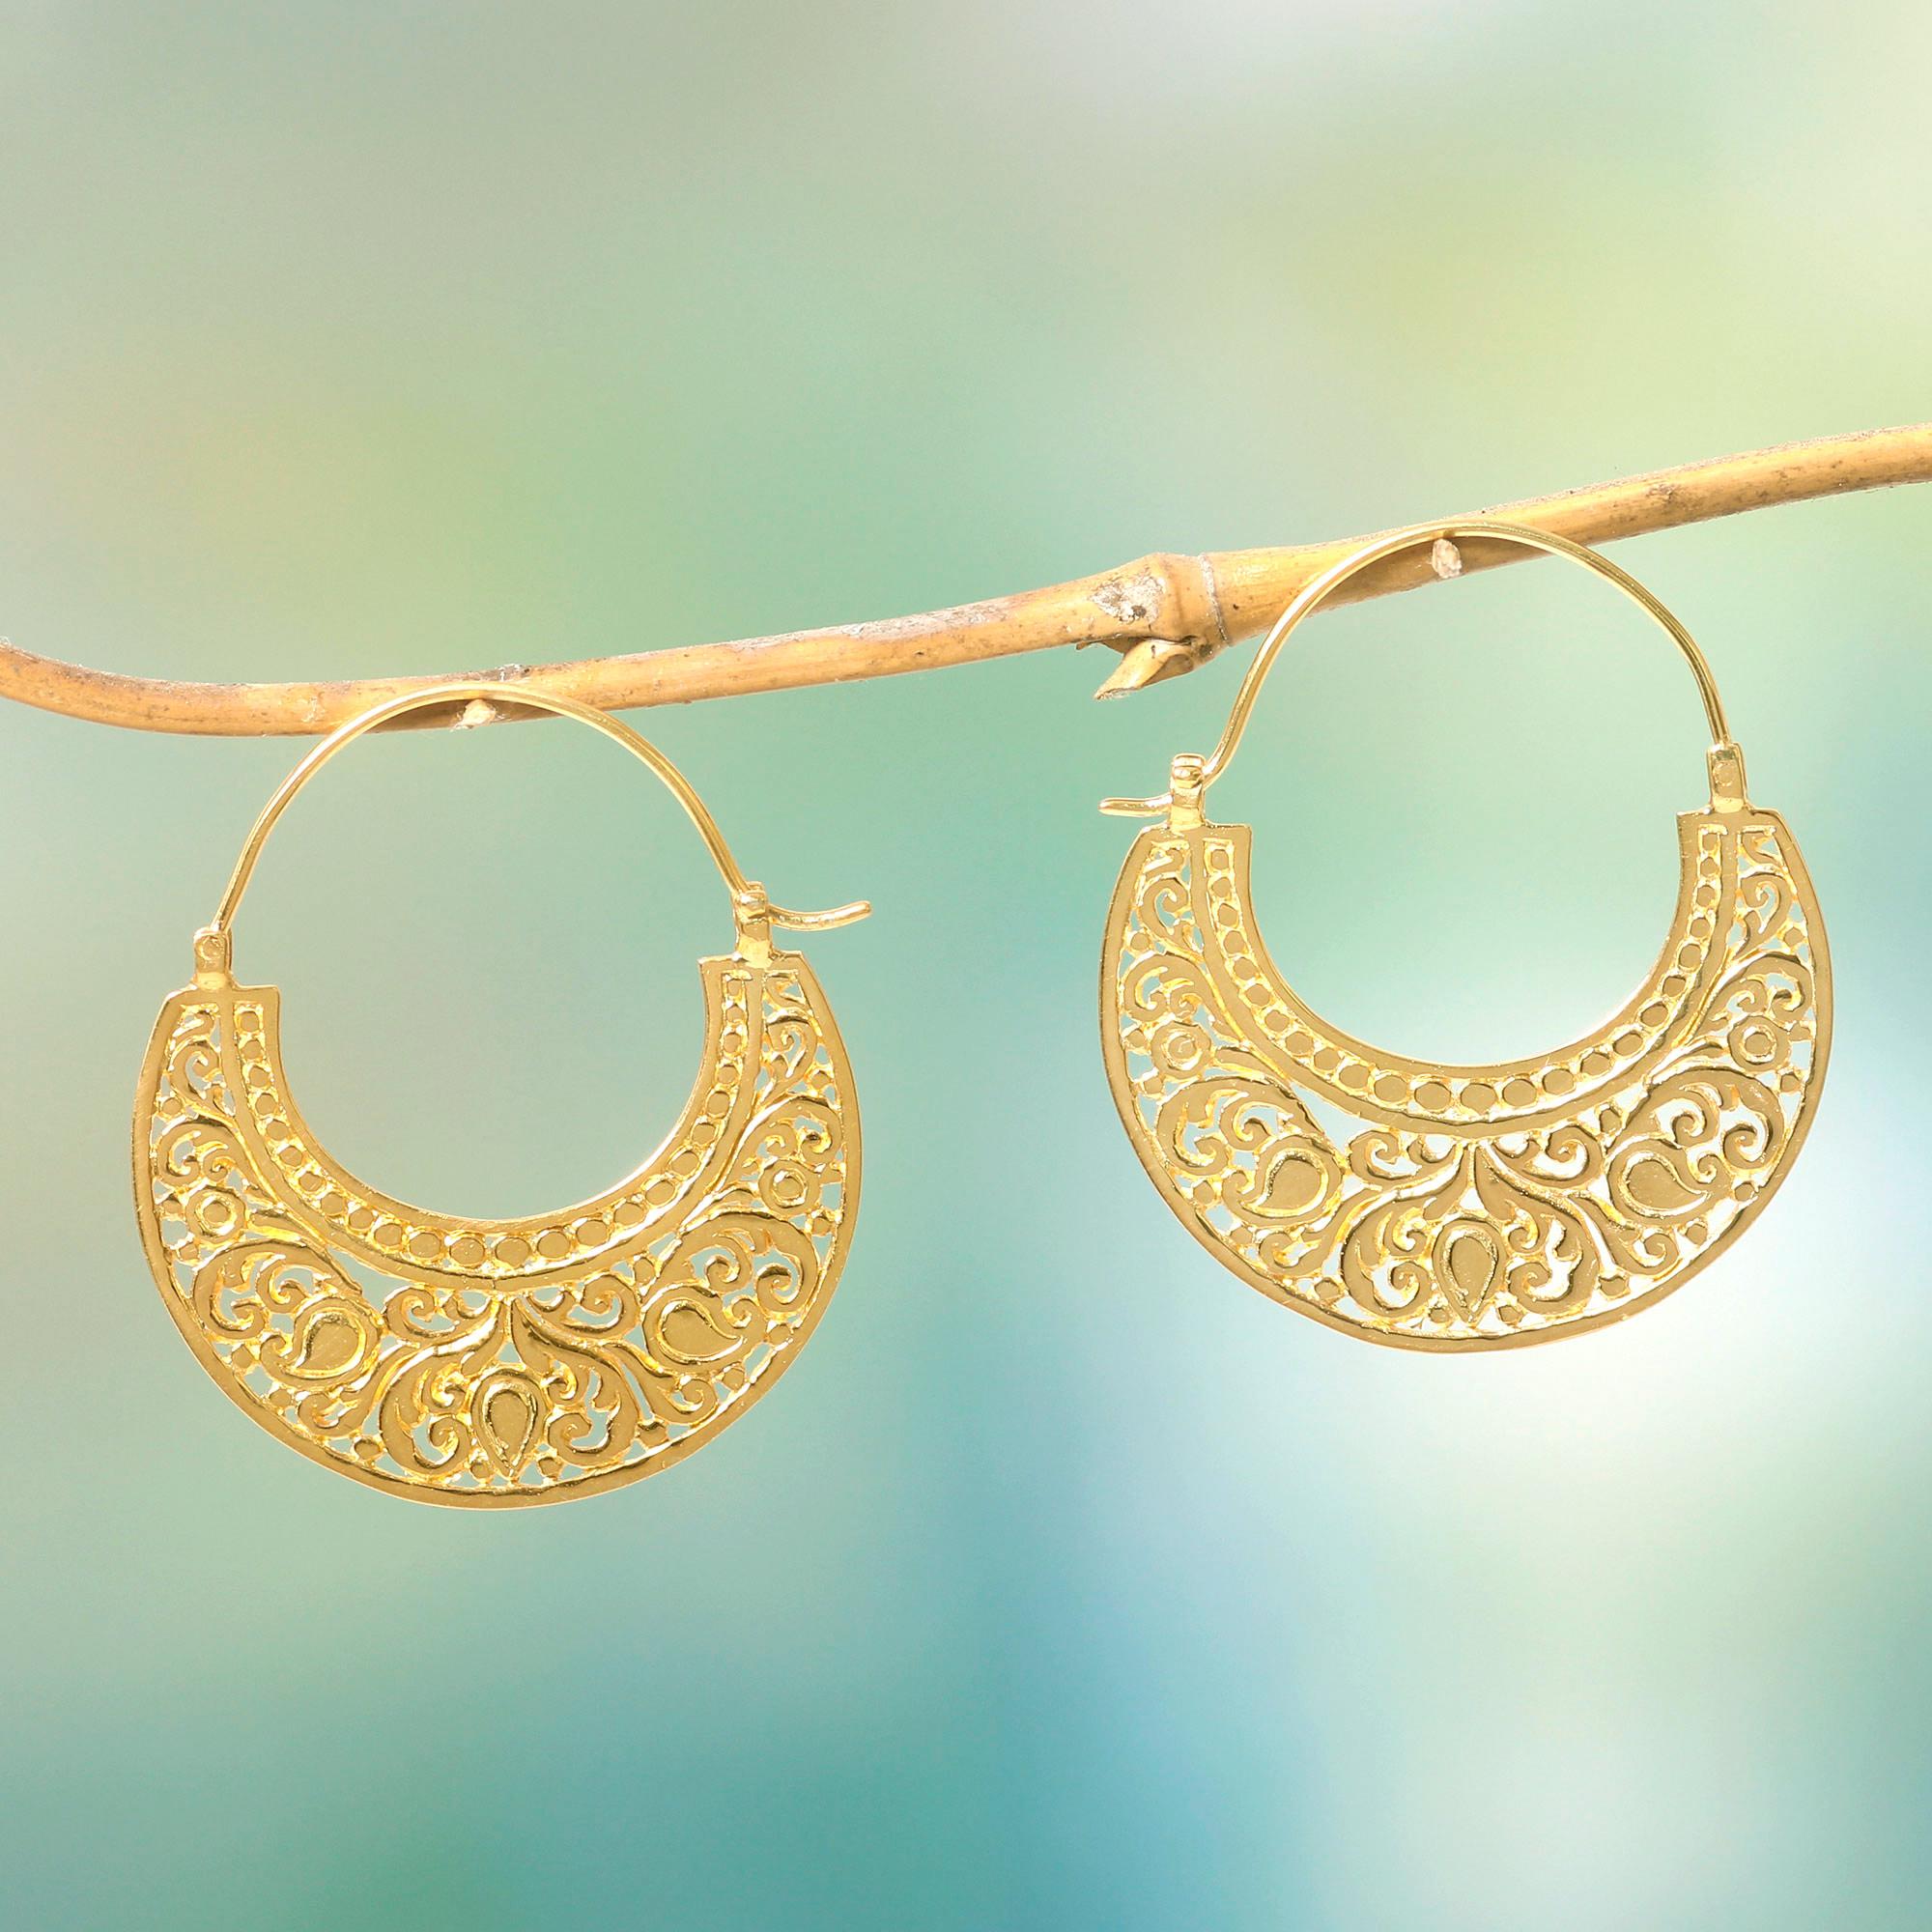 Ornate 22k Gold Vermeil Hoop Earrings From Indonesia Garden Of Eden Novica